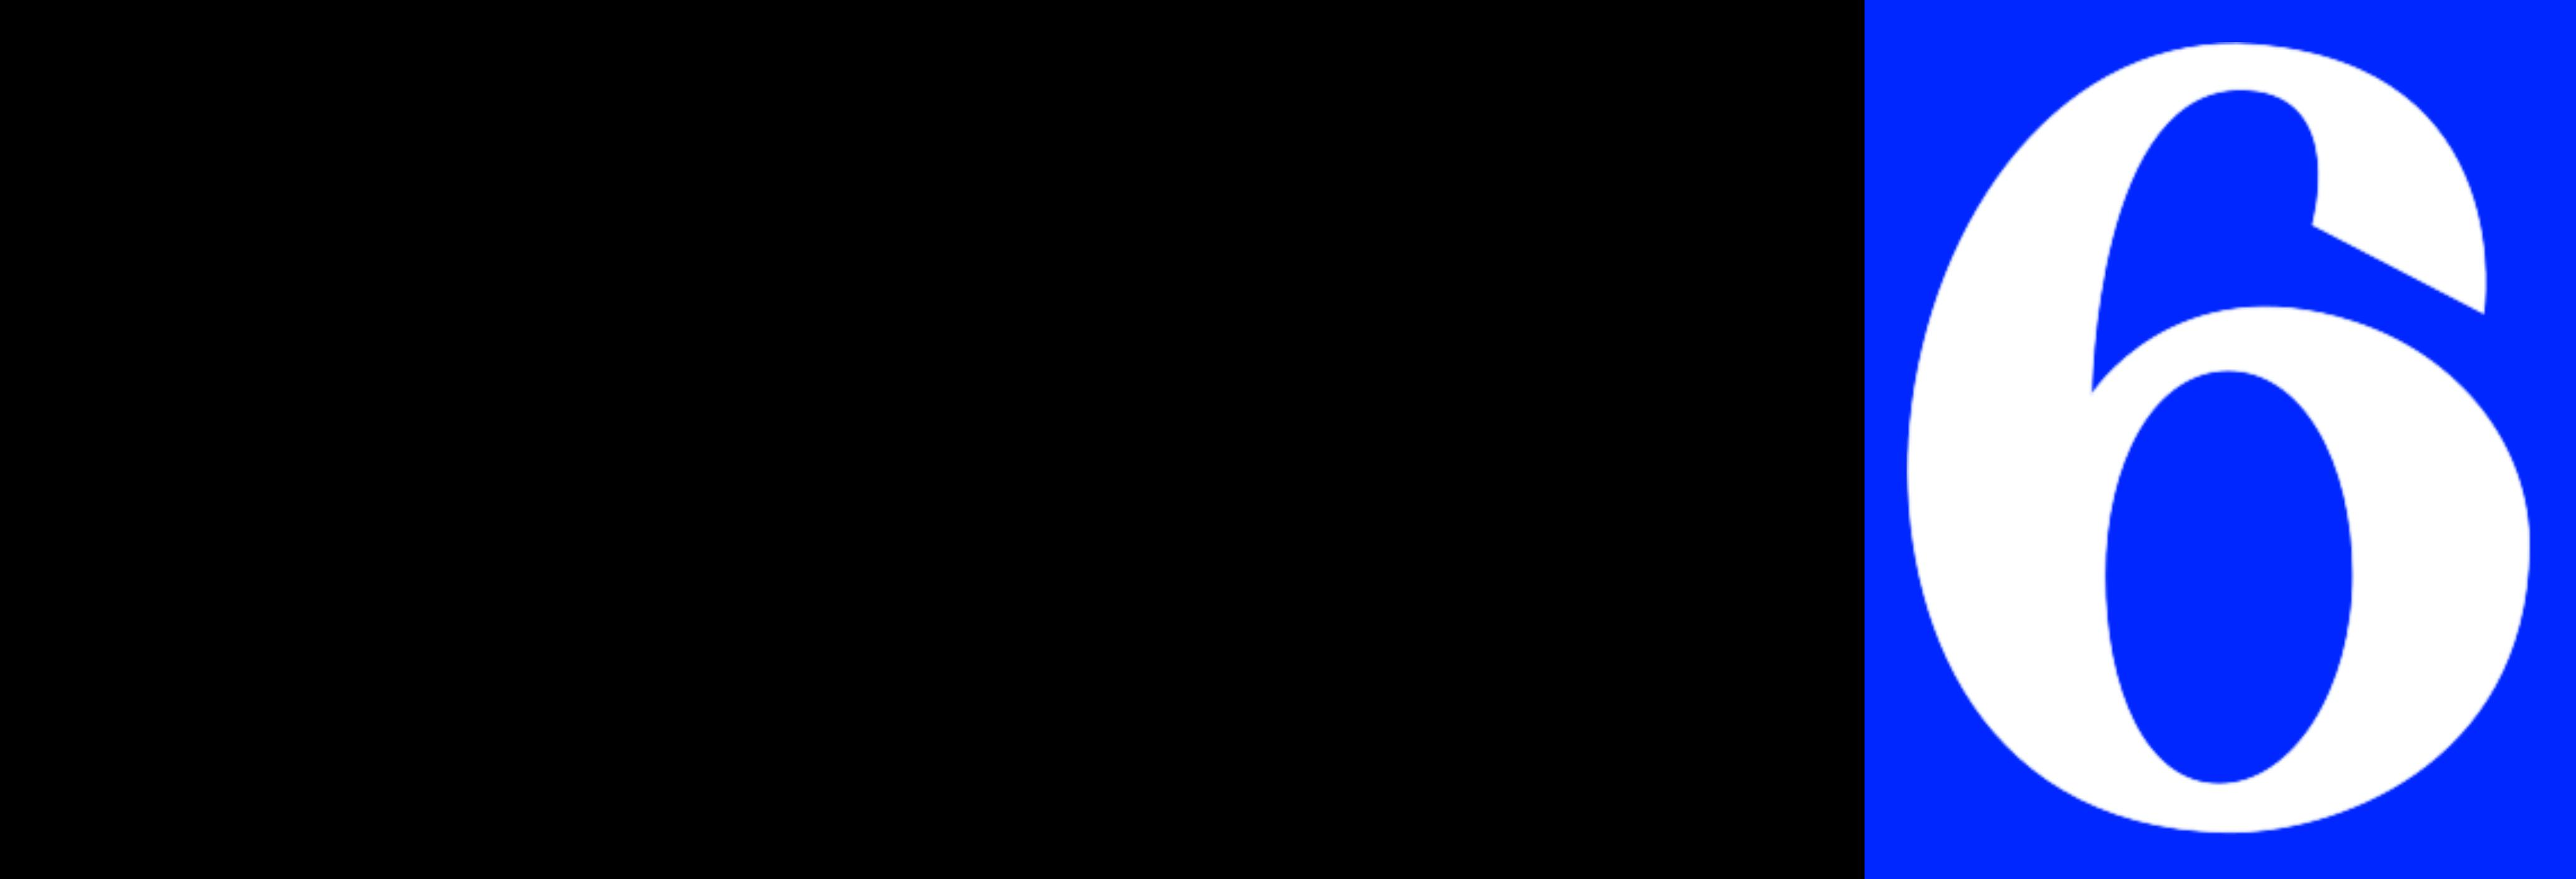 AlternateHistory.com's WPVI logo #1.png